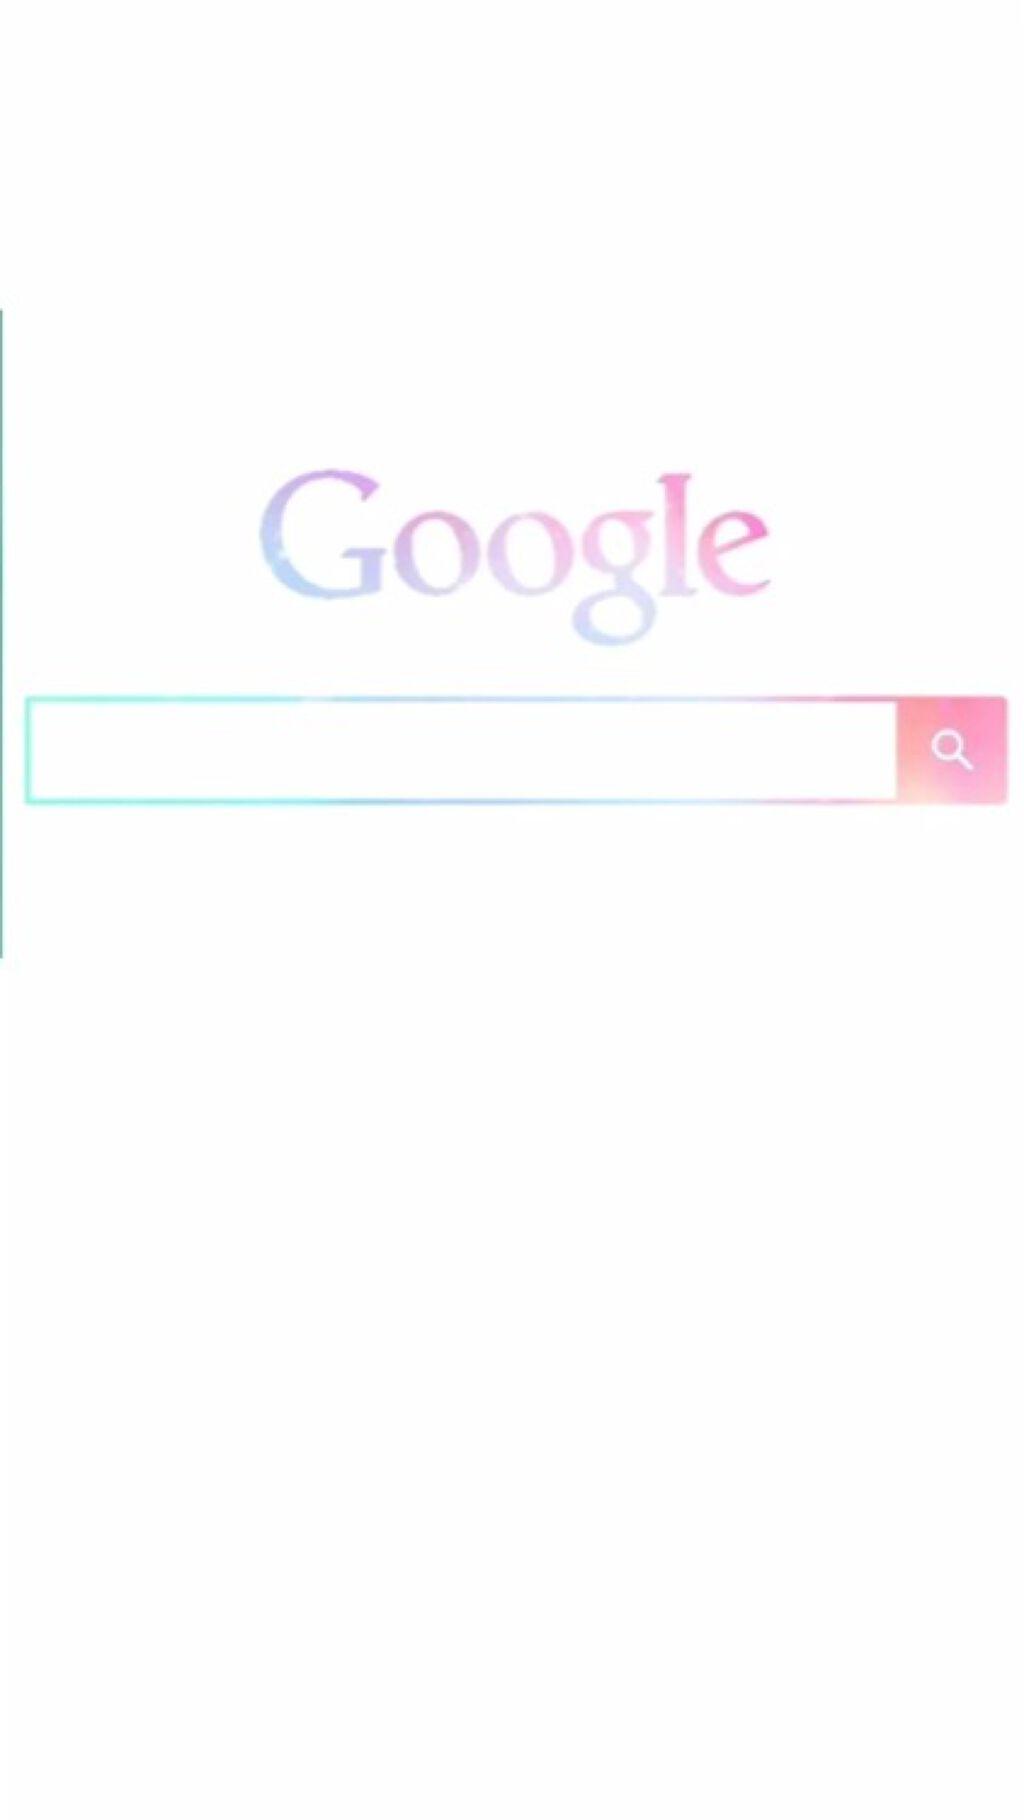 【動画付きクチコミ】。o♡o。+。o♡o。+。o♡o。+。o♡o。+。o♡o。o♡o。橋本環奈さん風メイク〜透明感〜♡o。+..:*♡o。+..:*♡o。+..:*♡o。+..:*♡o+..:*♡o。投稿見てくださってありがとうございます┏●u~sa~🌸...